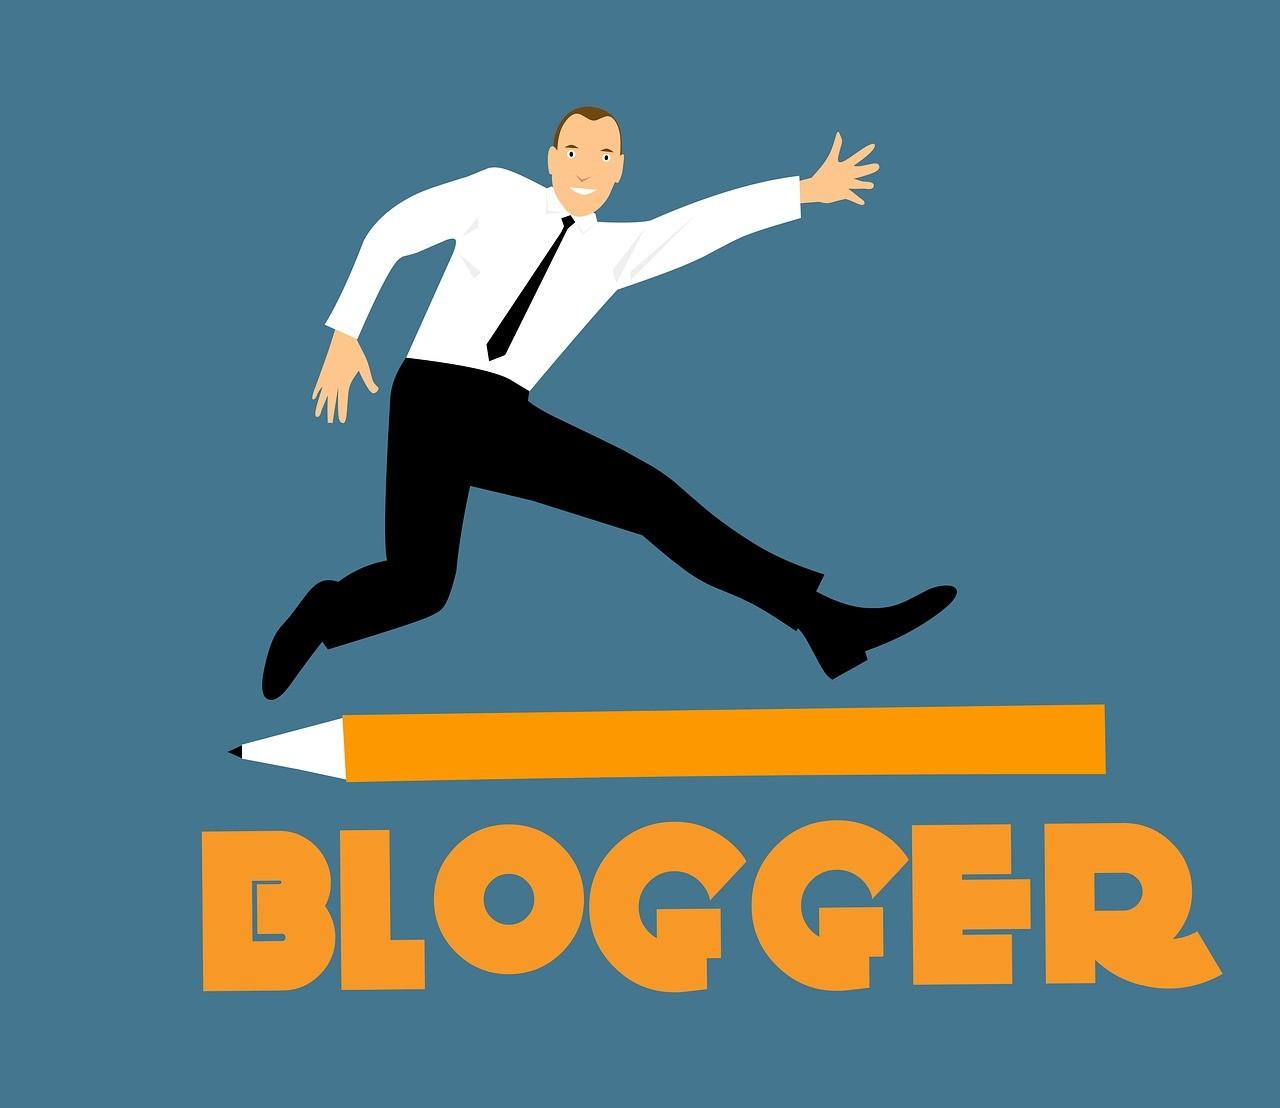 Blog & Blogging